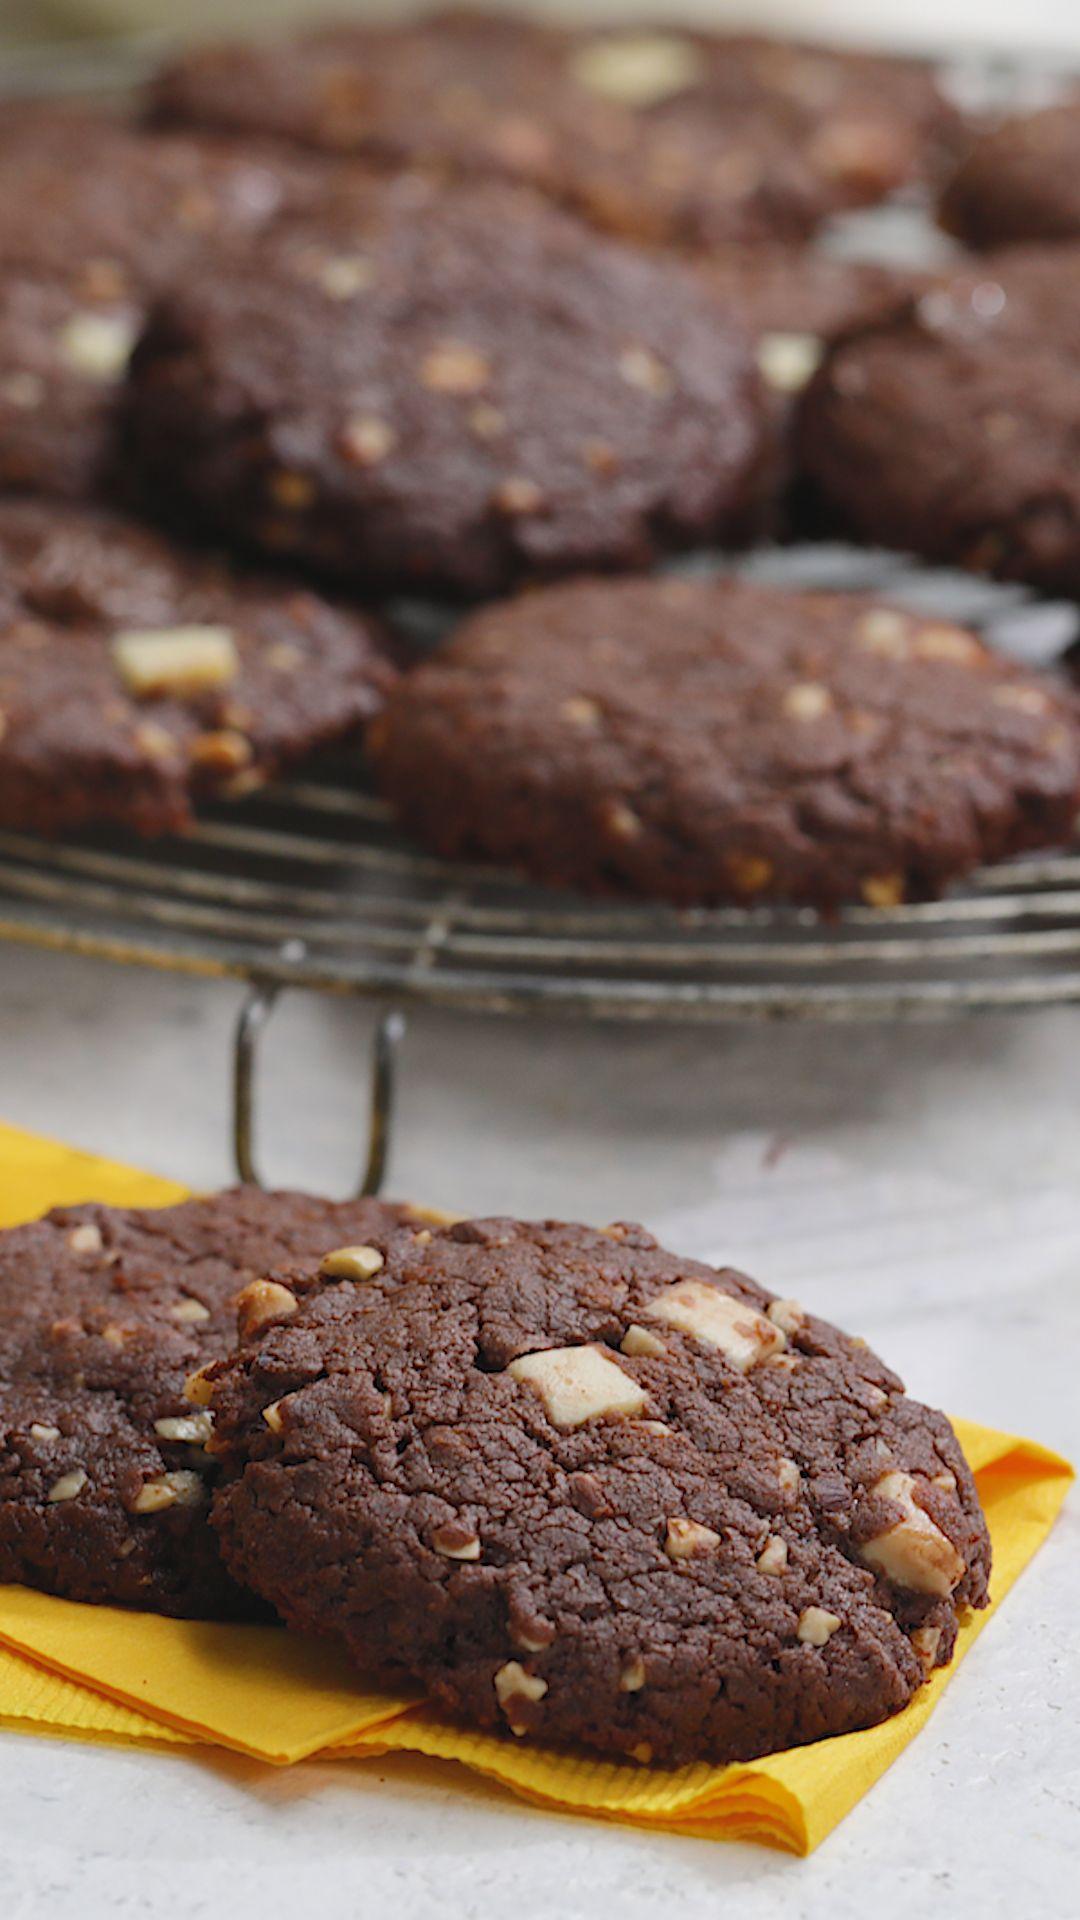 ¡Sólo CINCO ingredientes en un frasco de Nutella y listo! Unas cookies para esta merienda imperdibles, sin ensuciar la cocina.